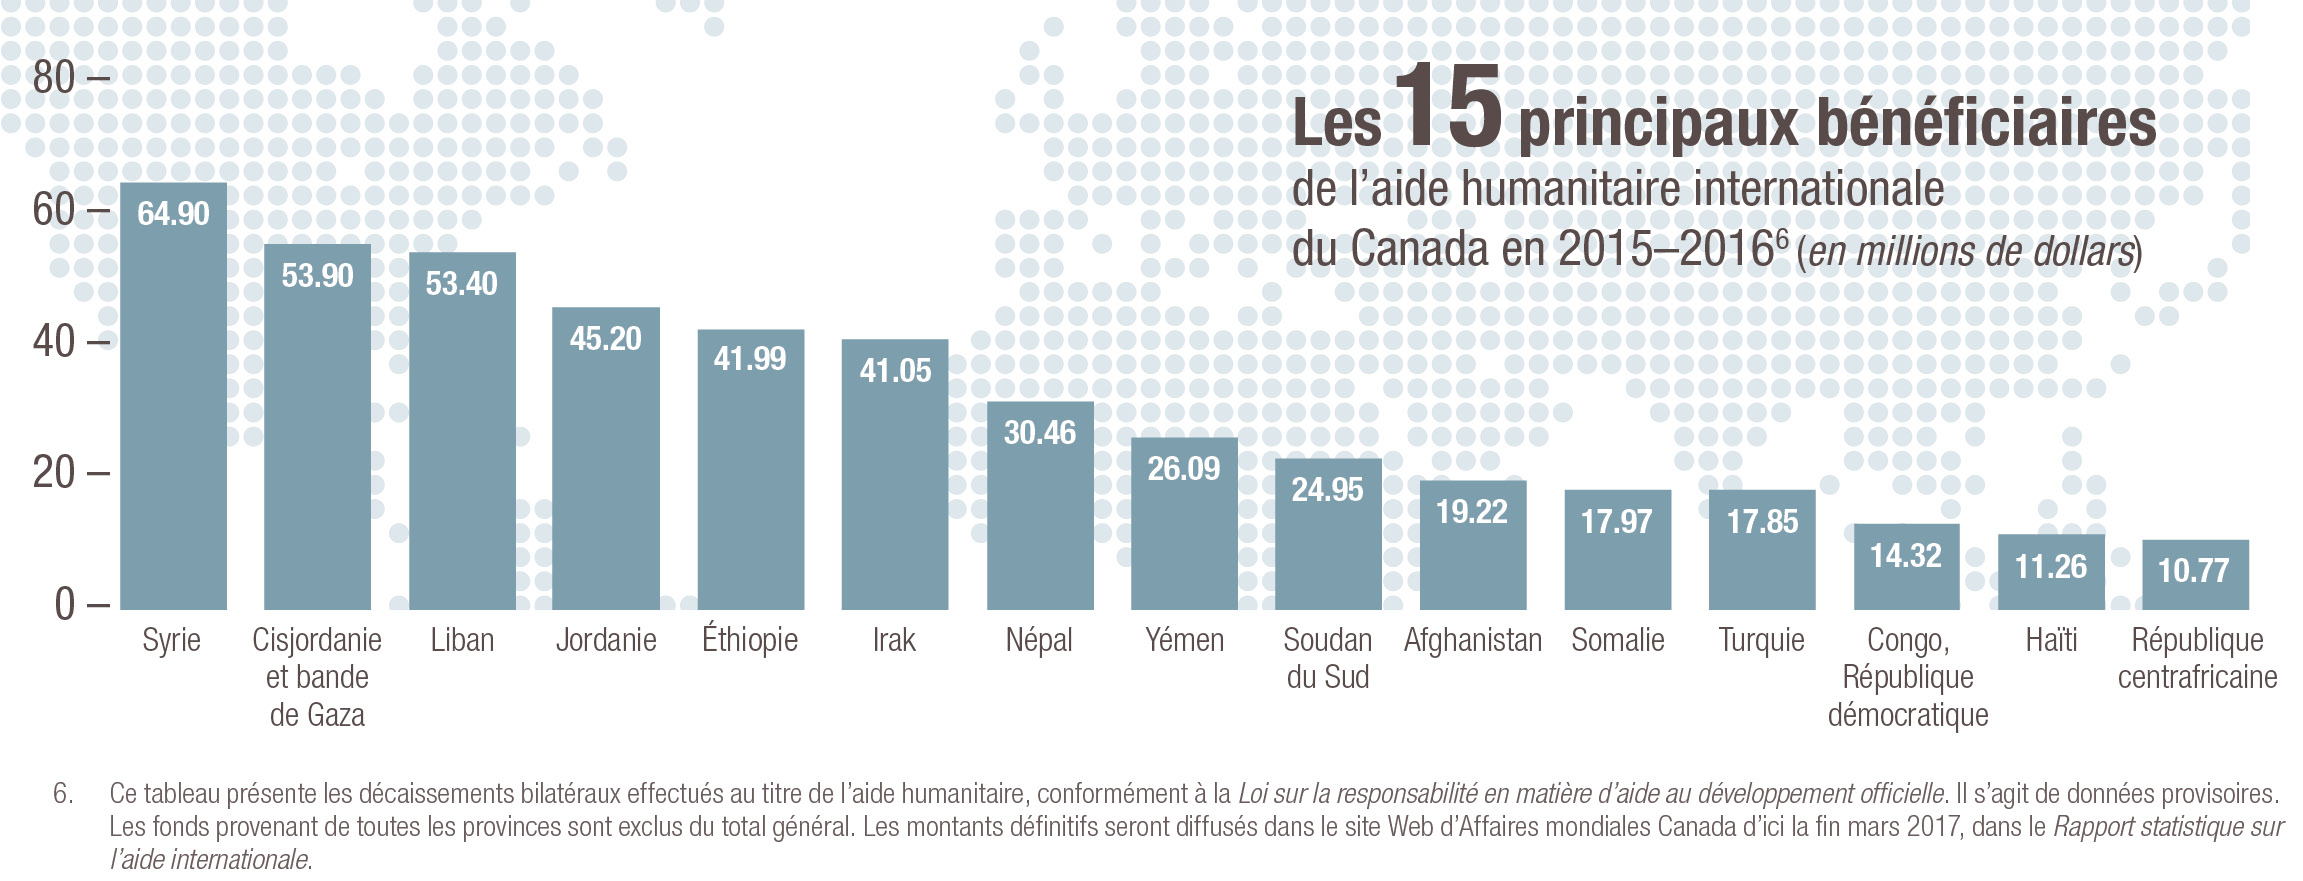 Les 15 principaux bénéficiaires de l'aide humanitaire internationale du Canada en 2015-2016 (en millions de dollars)